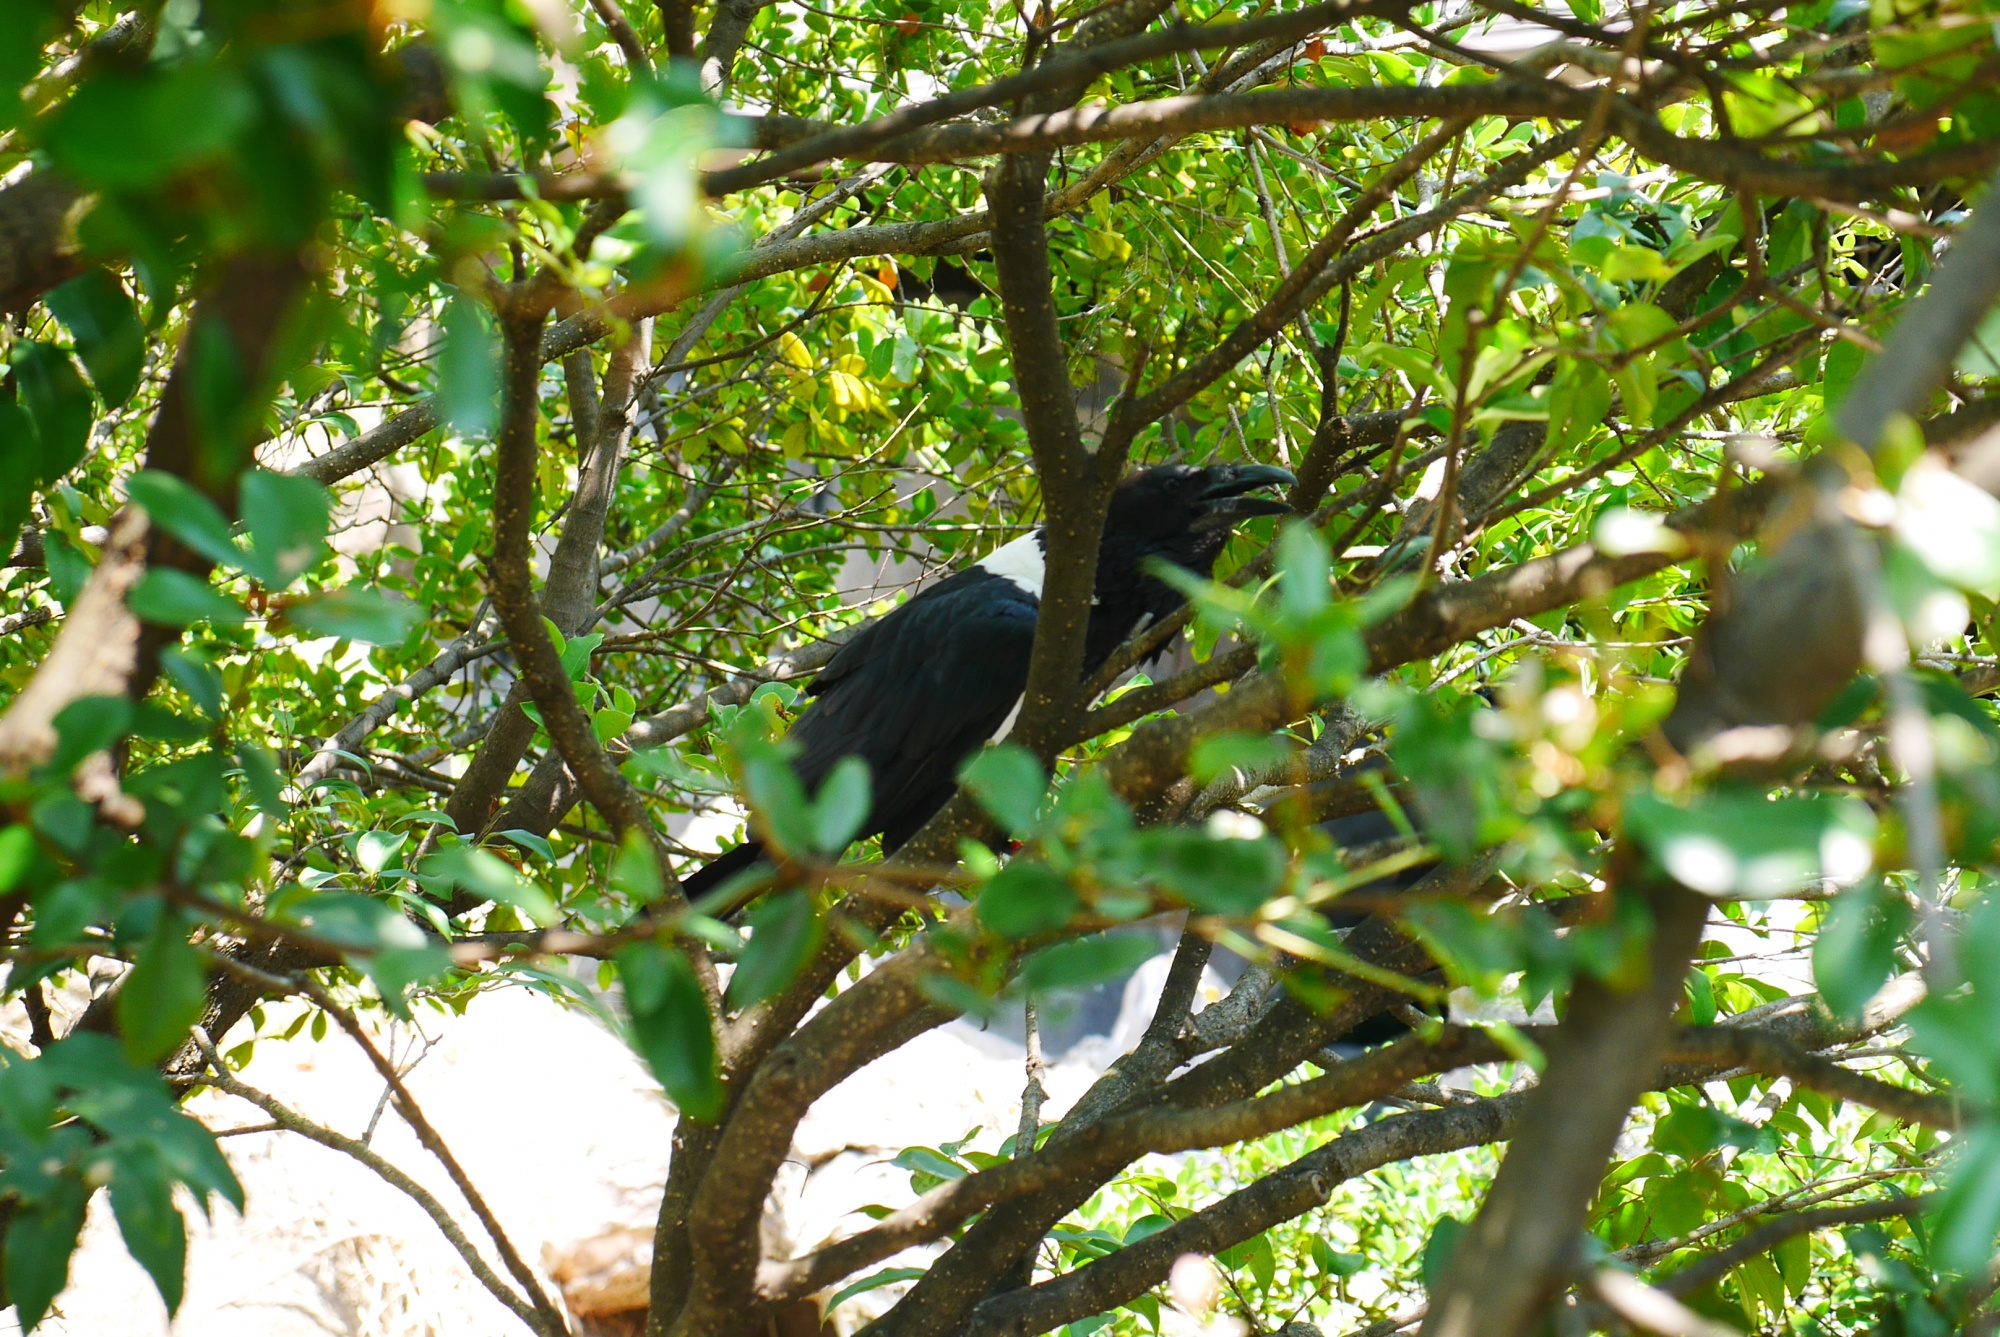 ムナジロガラス(Pied Crow)